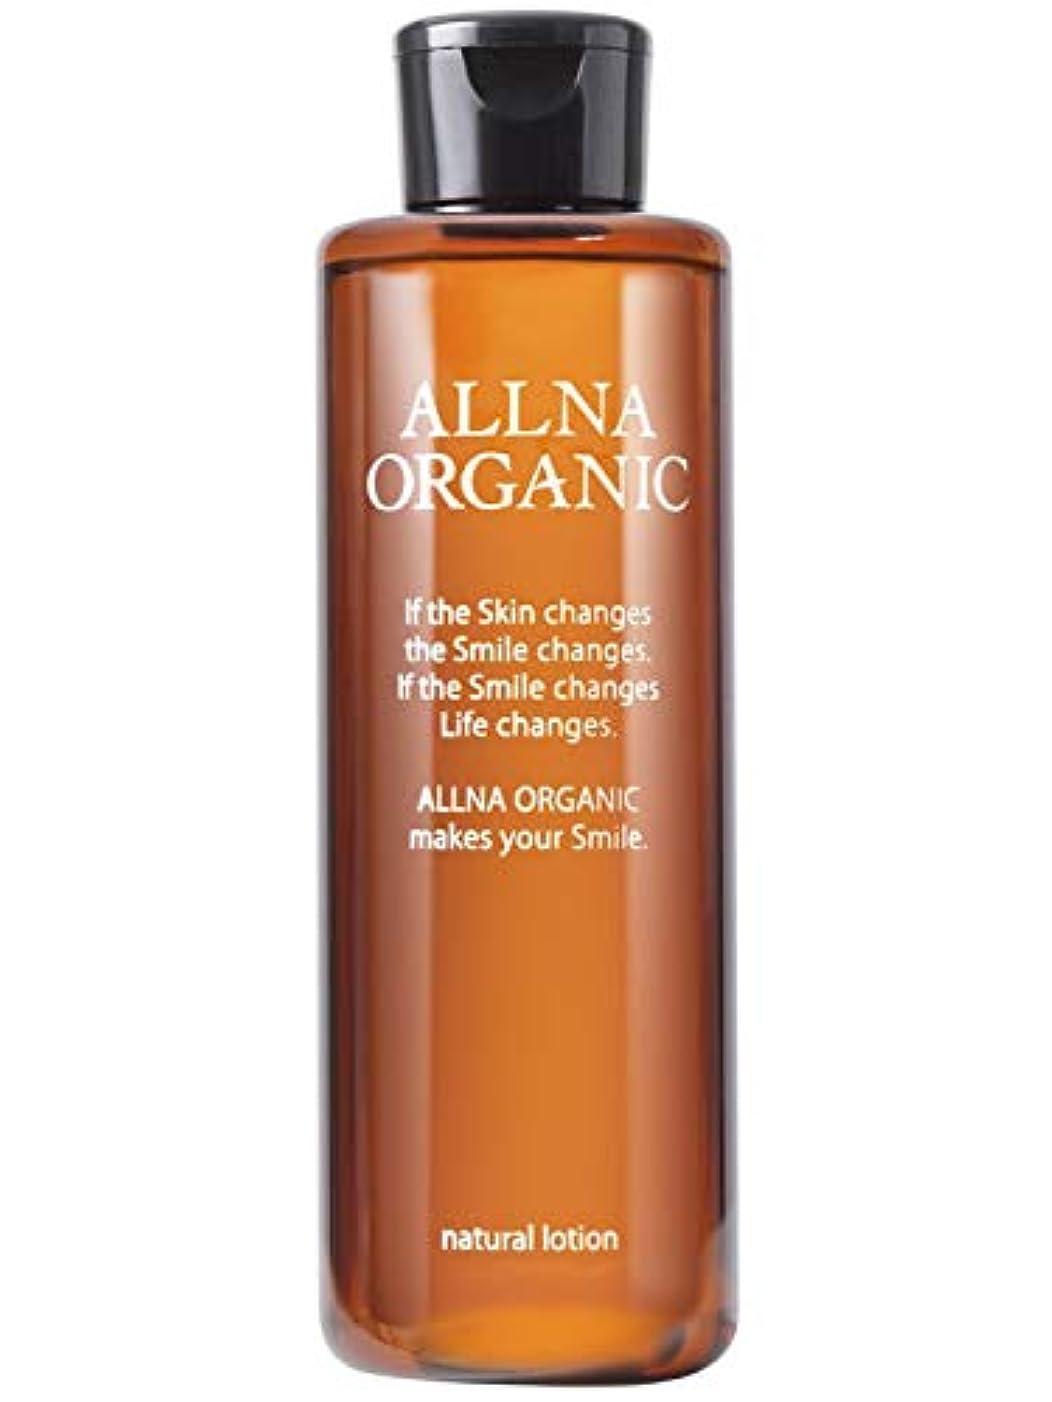 有限乳剤自然オルナ オーガニック 化粧水 「 保湿 乾燥 かさつき 用」「 コラーゲン ビタミンC誘導体 ヒアルロン酸 セラミド 配合」200ml